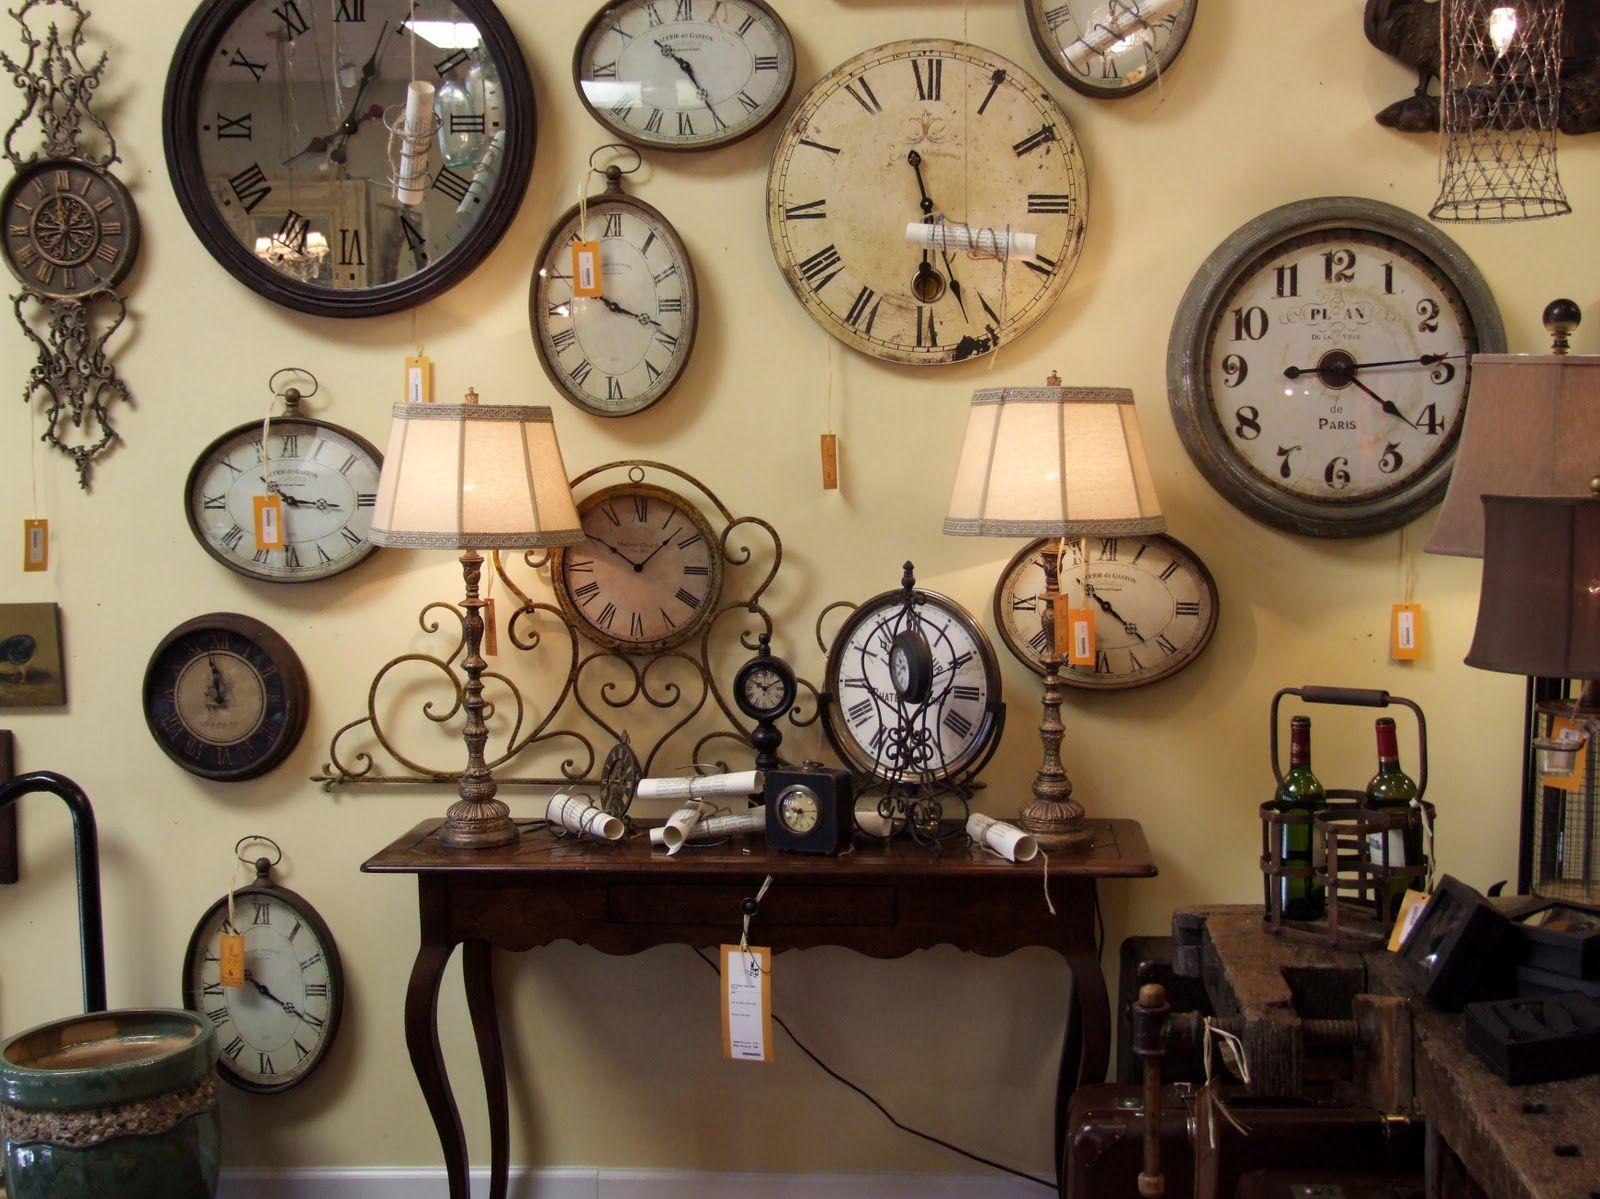 European country living google search relojes de ayer y hoy reloj decoracion reloj y cornizas Relojes de decoracion